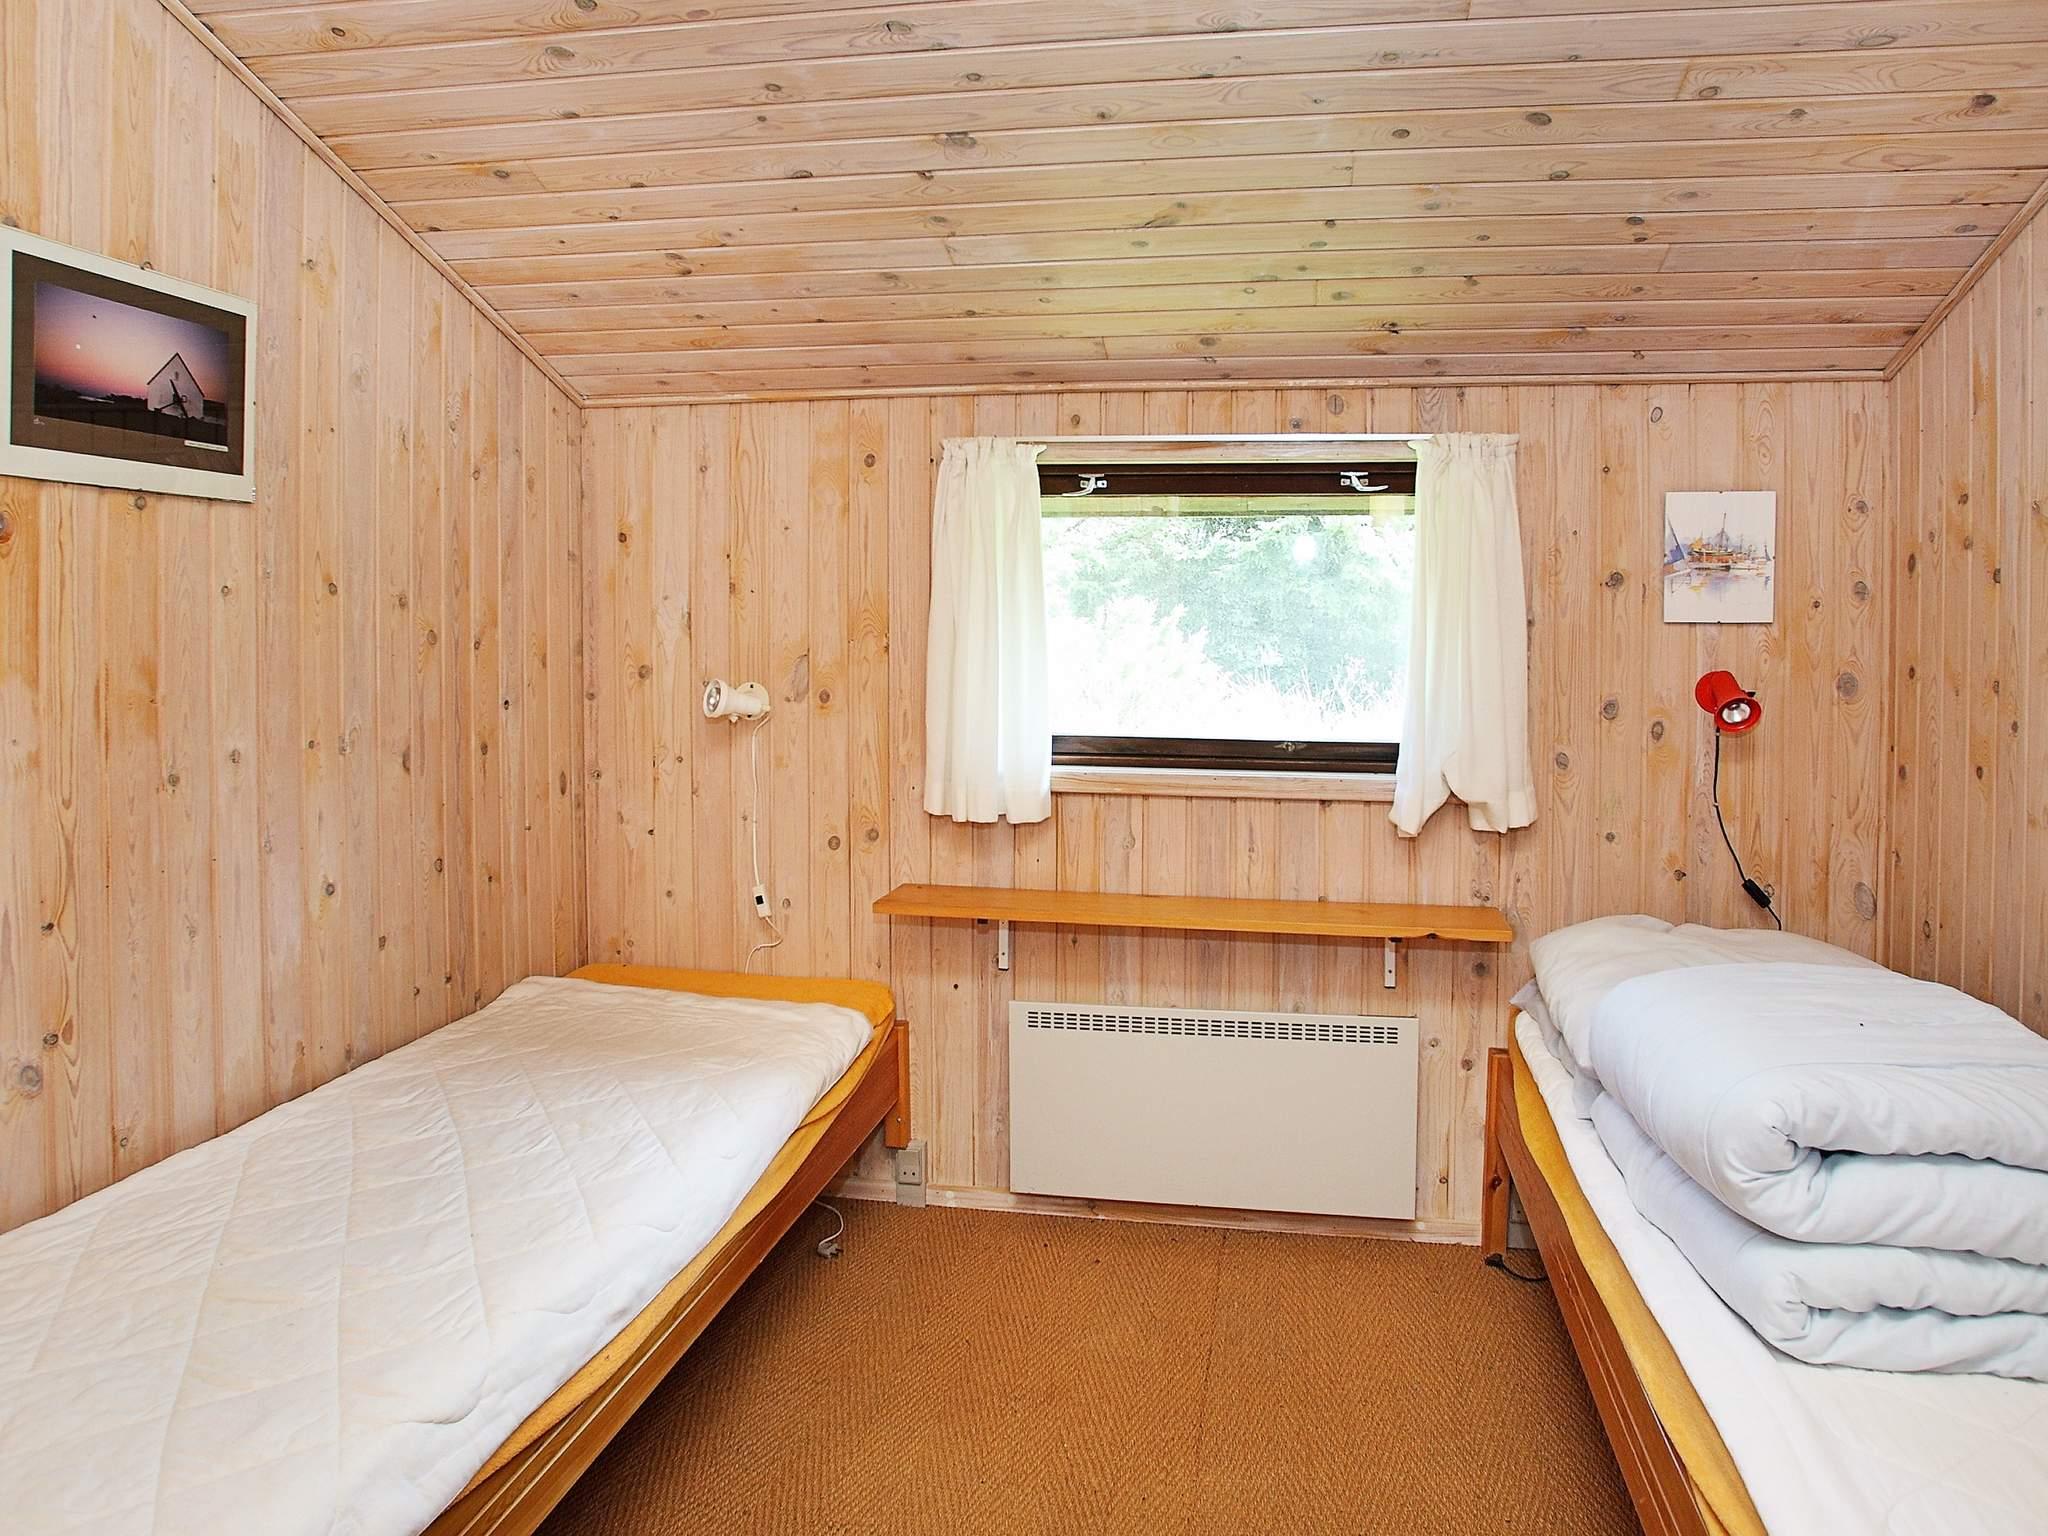 Ferienhaus Kjul Strand (319409), Hirtshals, , Nordwestjütland, Dänemark, Bild 9